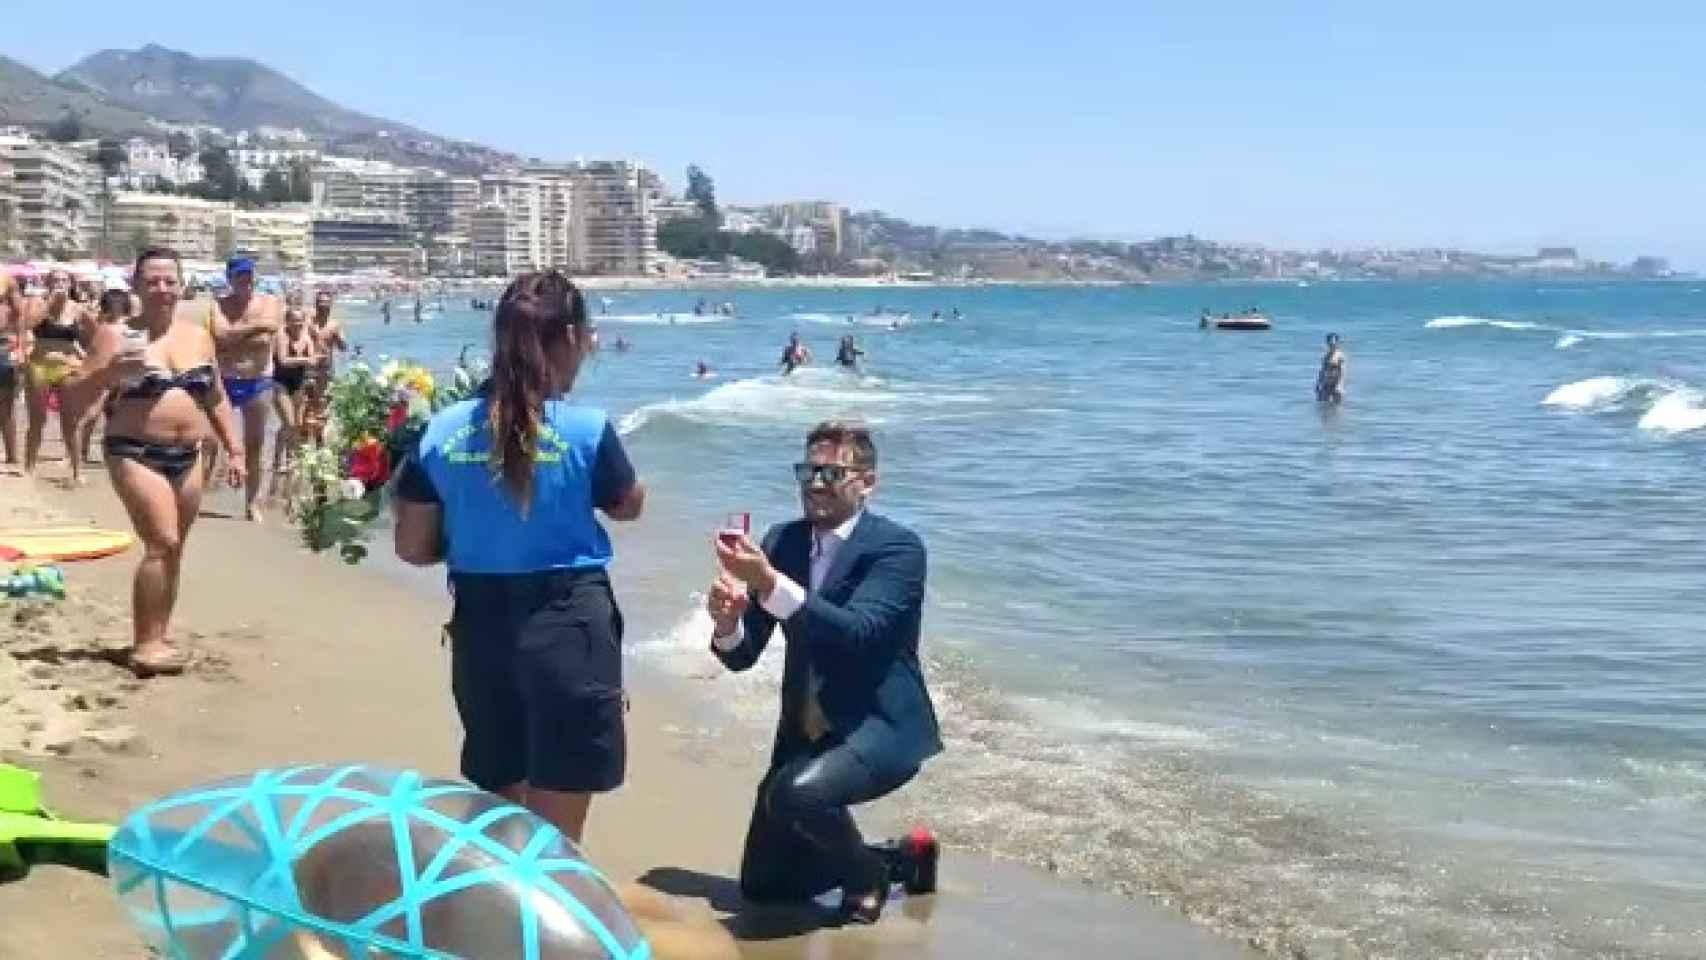 Pedida a pie de playa en Fuengirola (Málaga)